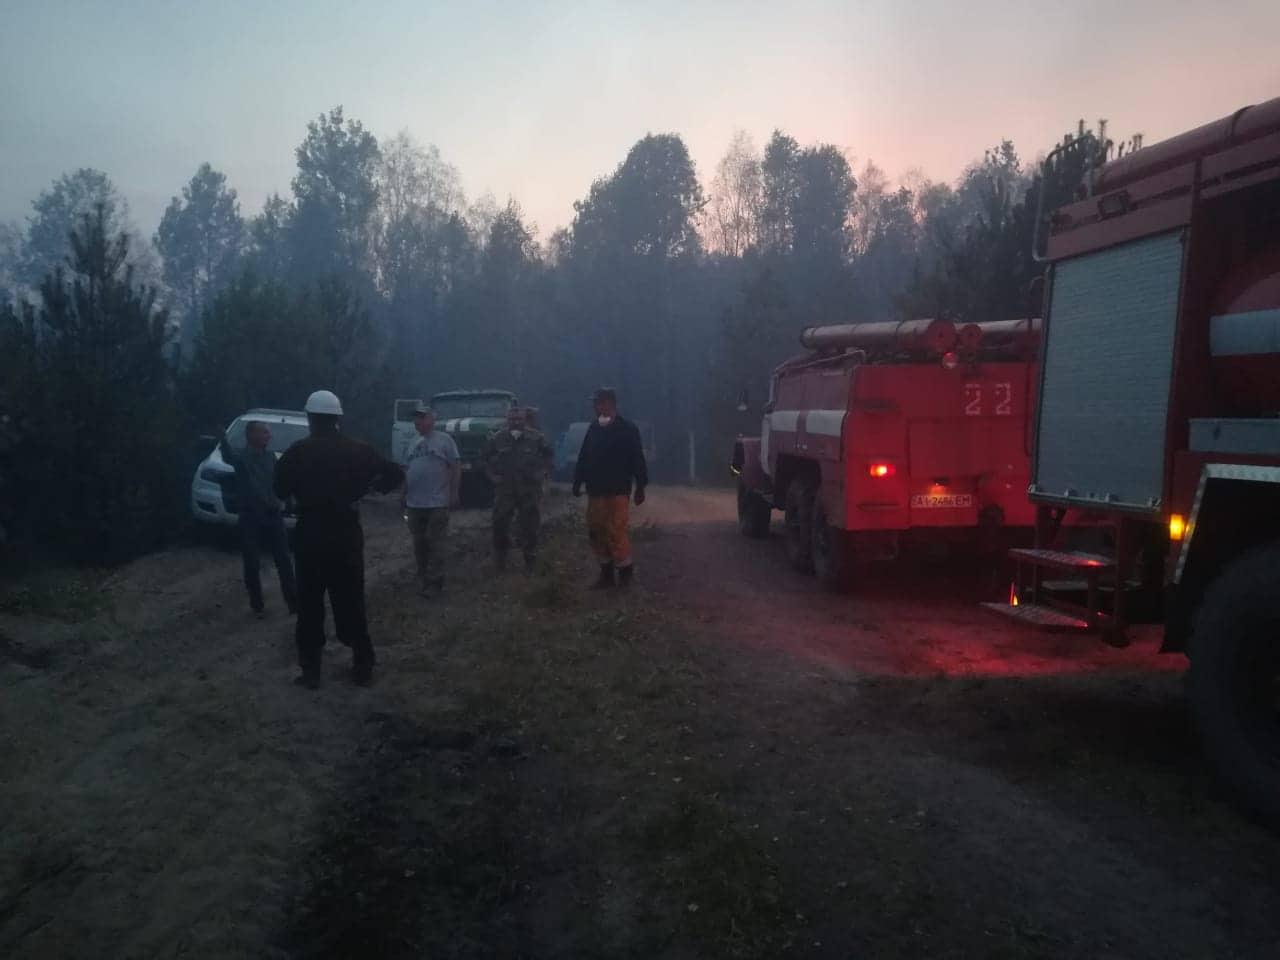 У гасінні лісу в Чорнобильській зоні задіяна авіація -  - 70508025 869857806748299 3261667850426777600 n